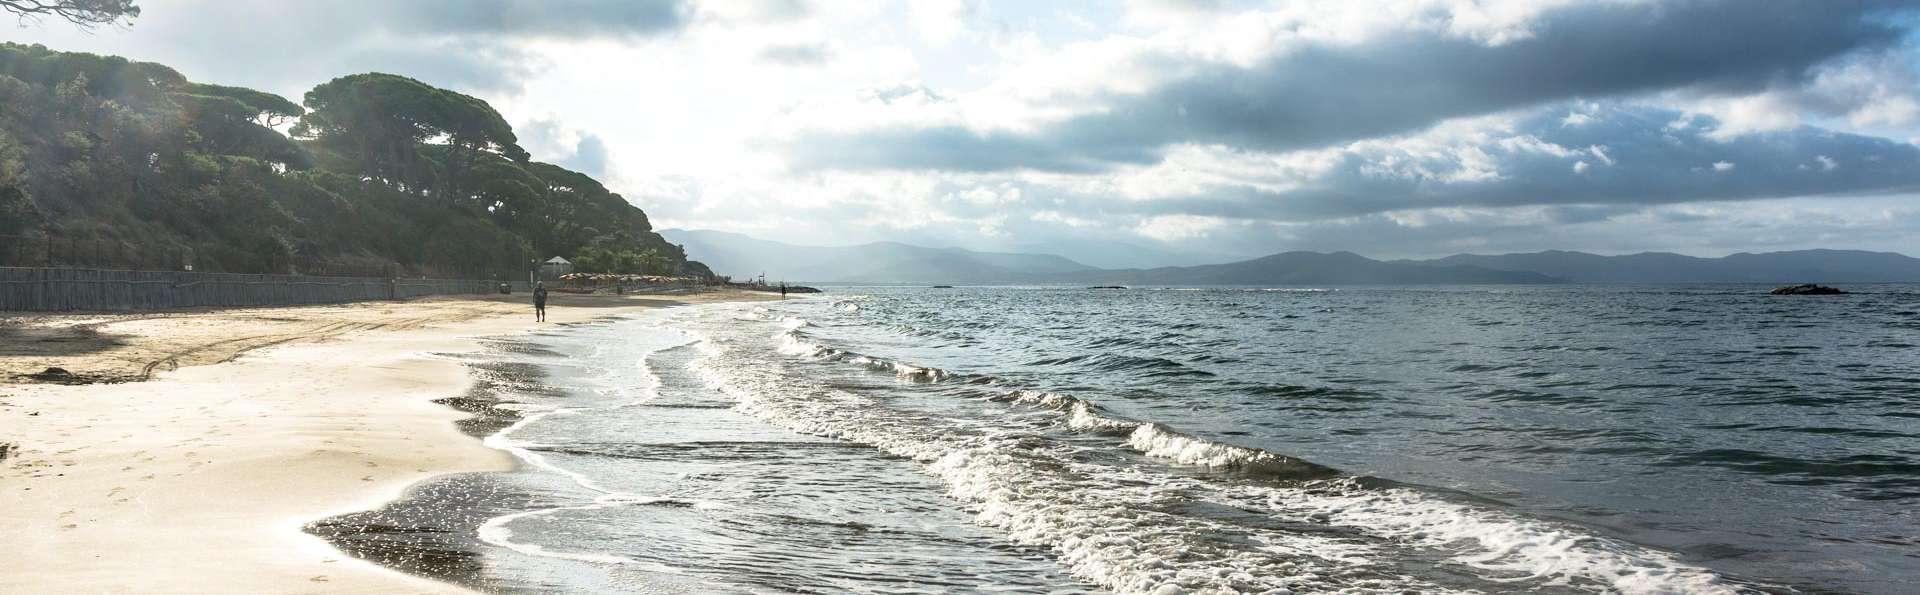 Brise de mer sur le golfe de Follonica